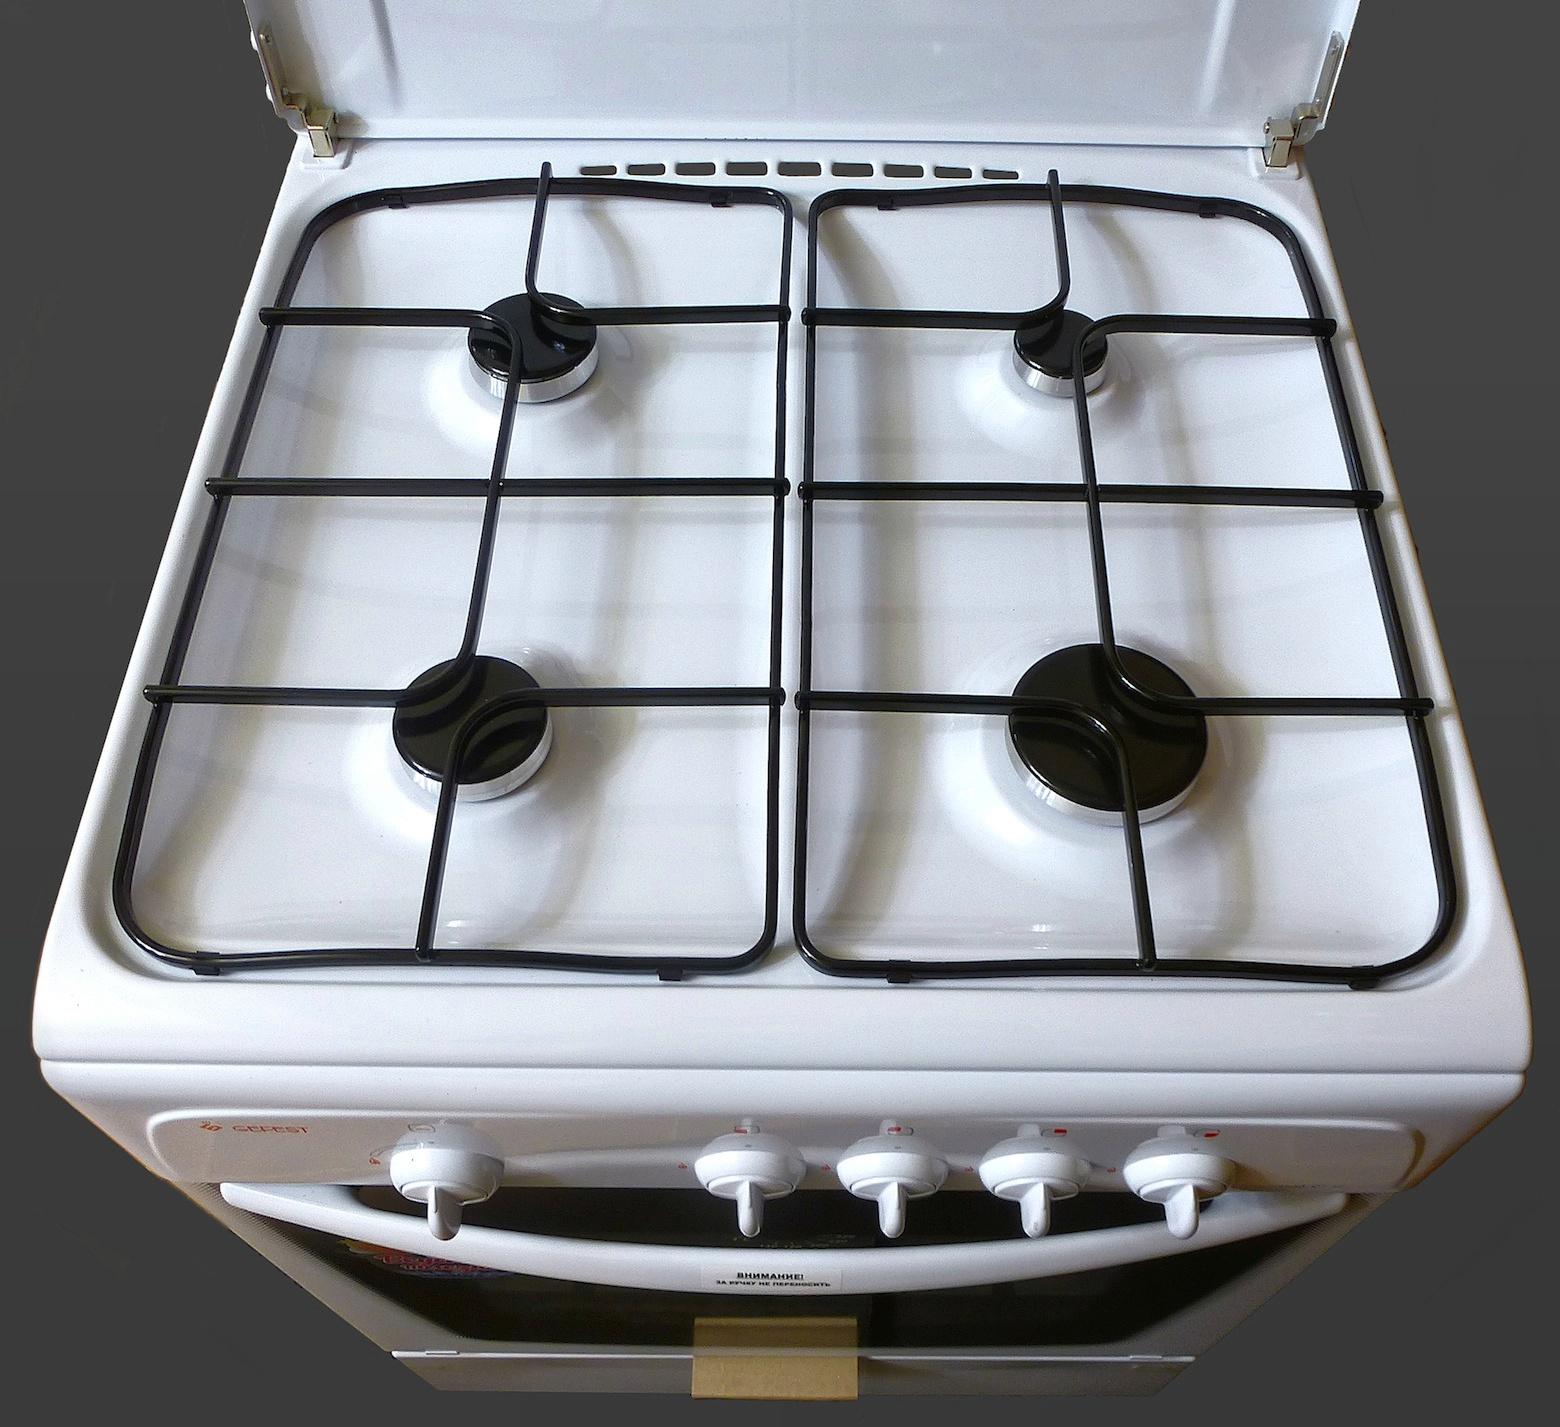 Газовые плиты с керамической горелкой - их особенности и функциональность, топ-5 лучших